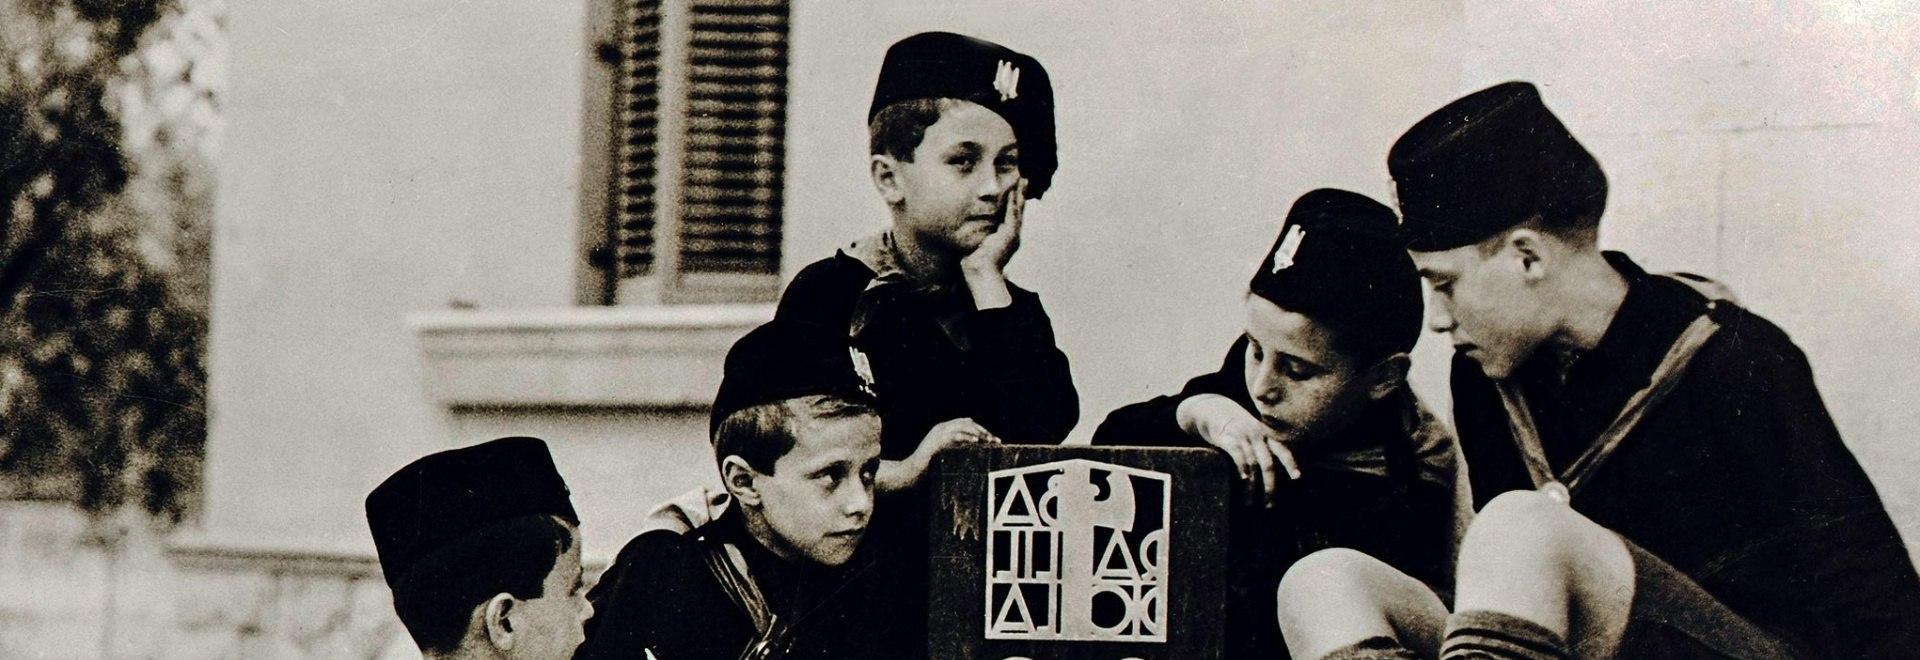 1938, diversi - Le leggi razziali del fascismo